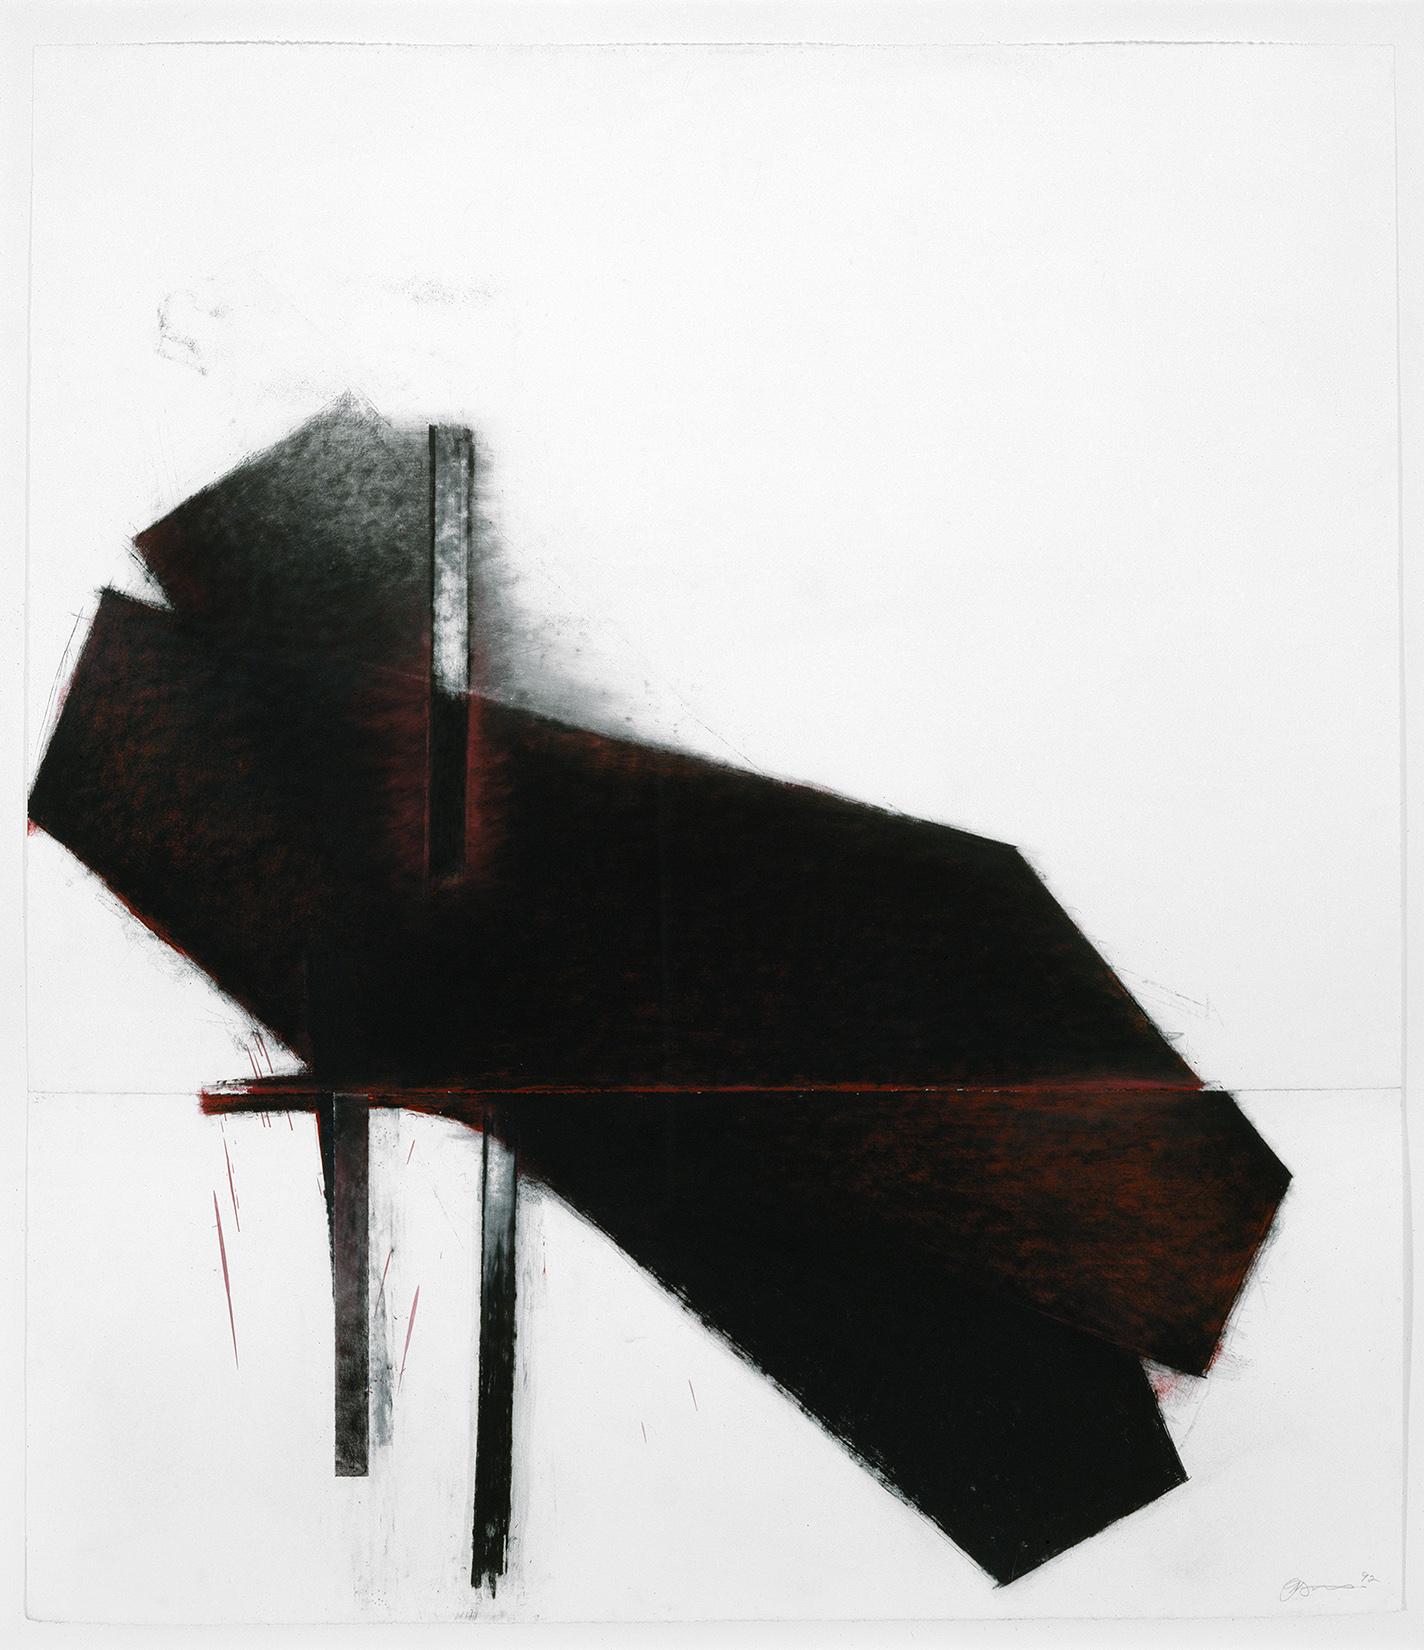 À Odilon Redon  (1992)   Techniques mixes et papier collé sur papier Stonehenge, 145.5 x 127 cm, collection privée. photo : Richard-Max Tremblay